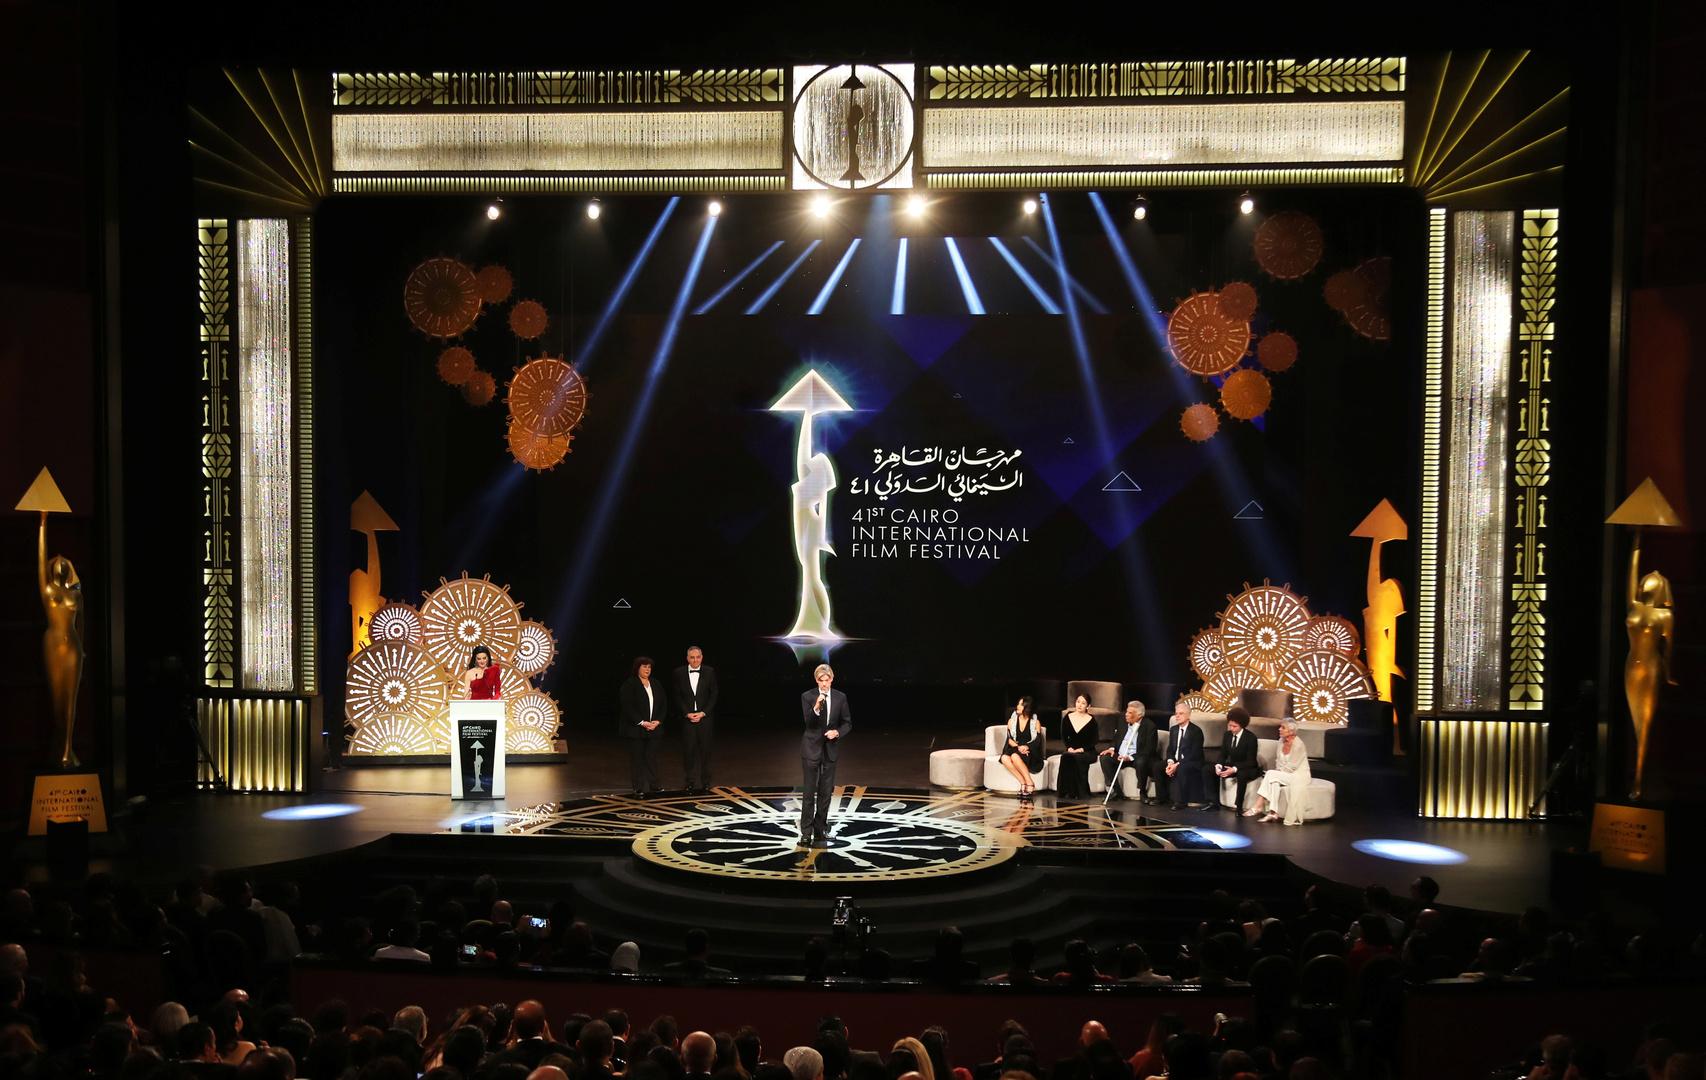 مصر تعلن إقامة مهرجان القاهرة السينمائي الـ42 في نوفمبر القادم